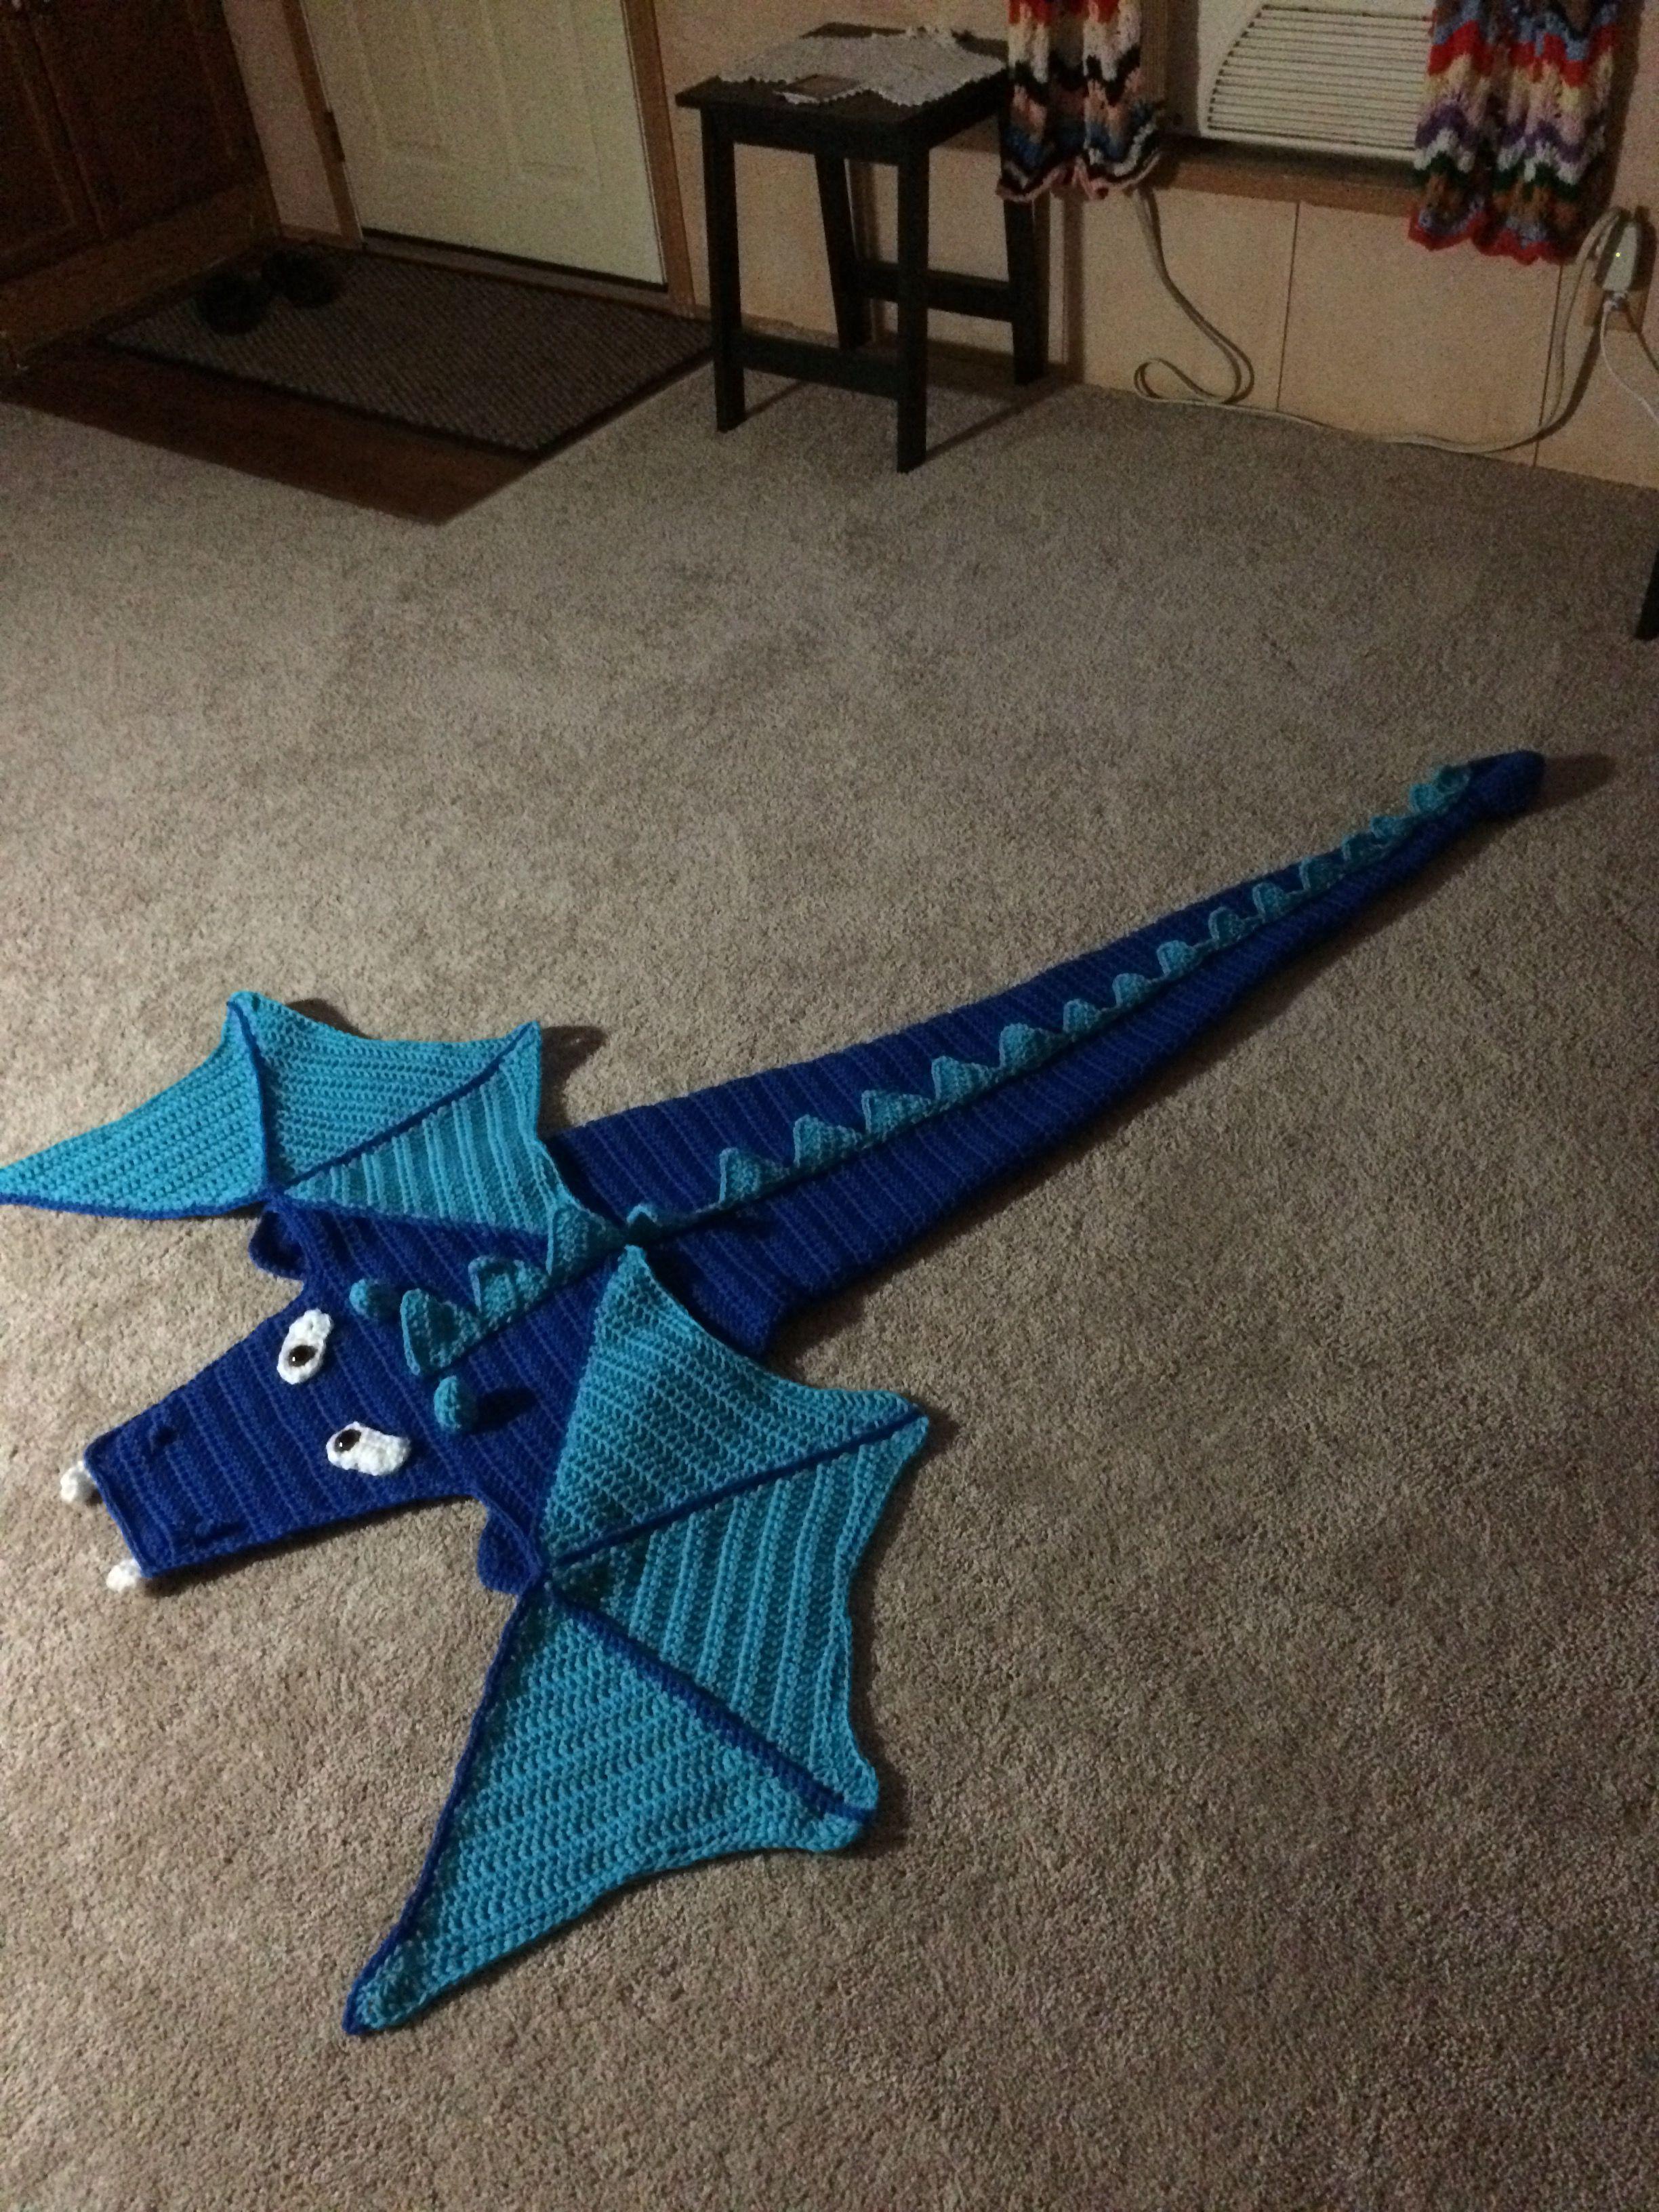 Crochet Dragon Blanket Kit From Herrshners Crocheting For The